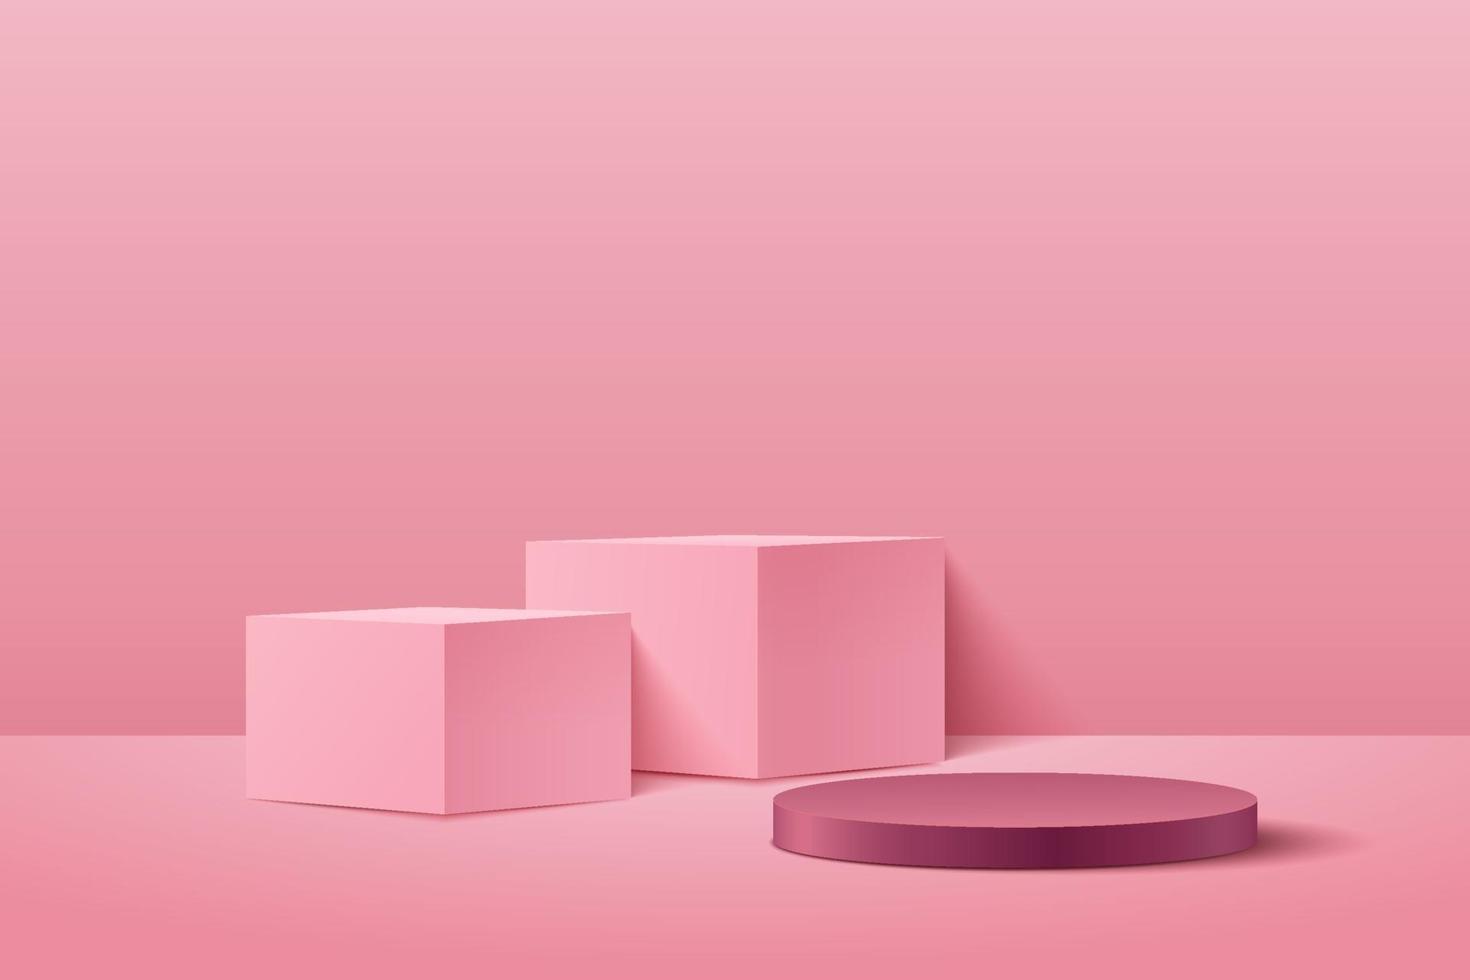 abstrakt kub och rund skärm för produkt på webbplatsen i modern. bakgrunds rendering med pallen och minimal rosa textur vägg scen, 3d-rendering geometrisk form röd rosa färg. vektor eps10